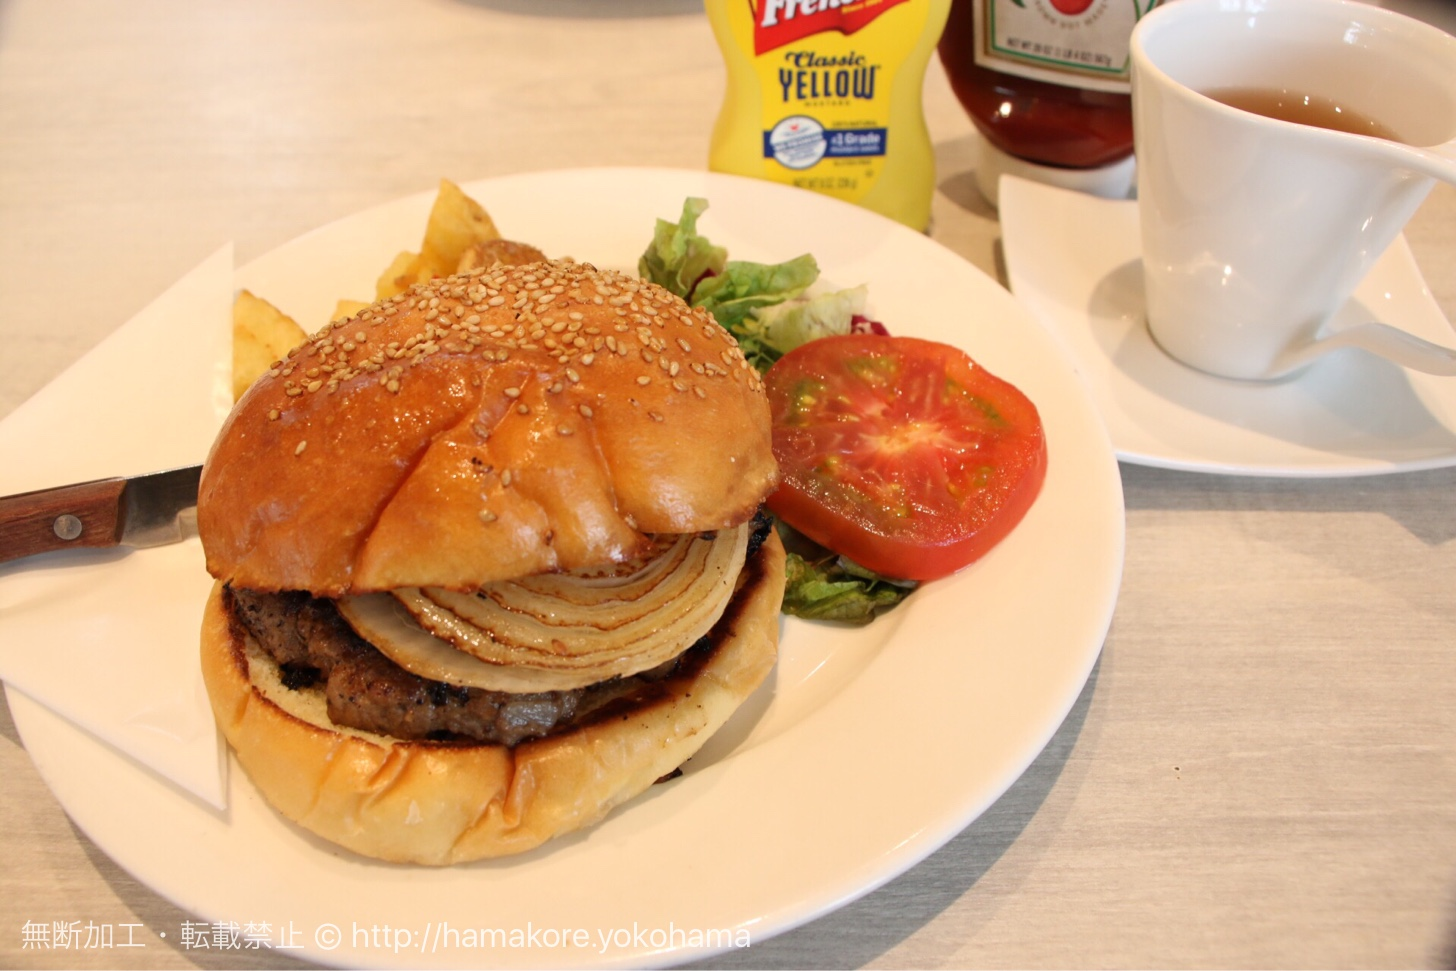 シナモンズ 横浜山下公園店 朝食のハンバーガー